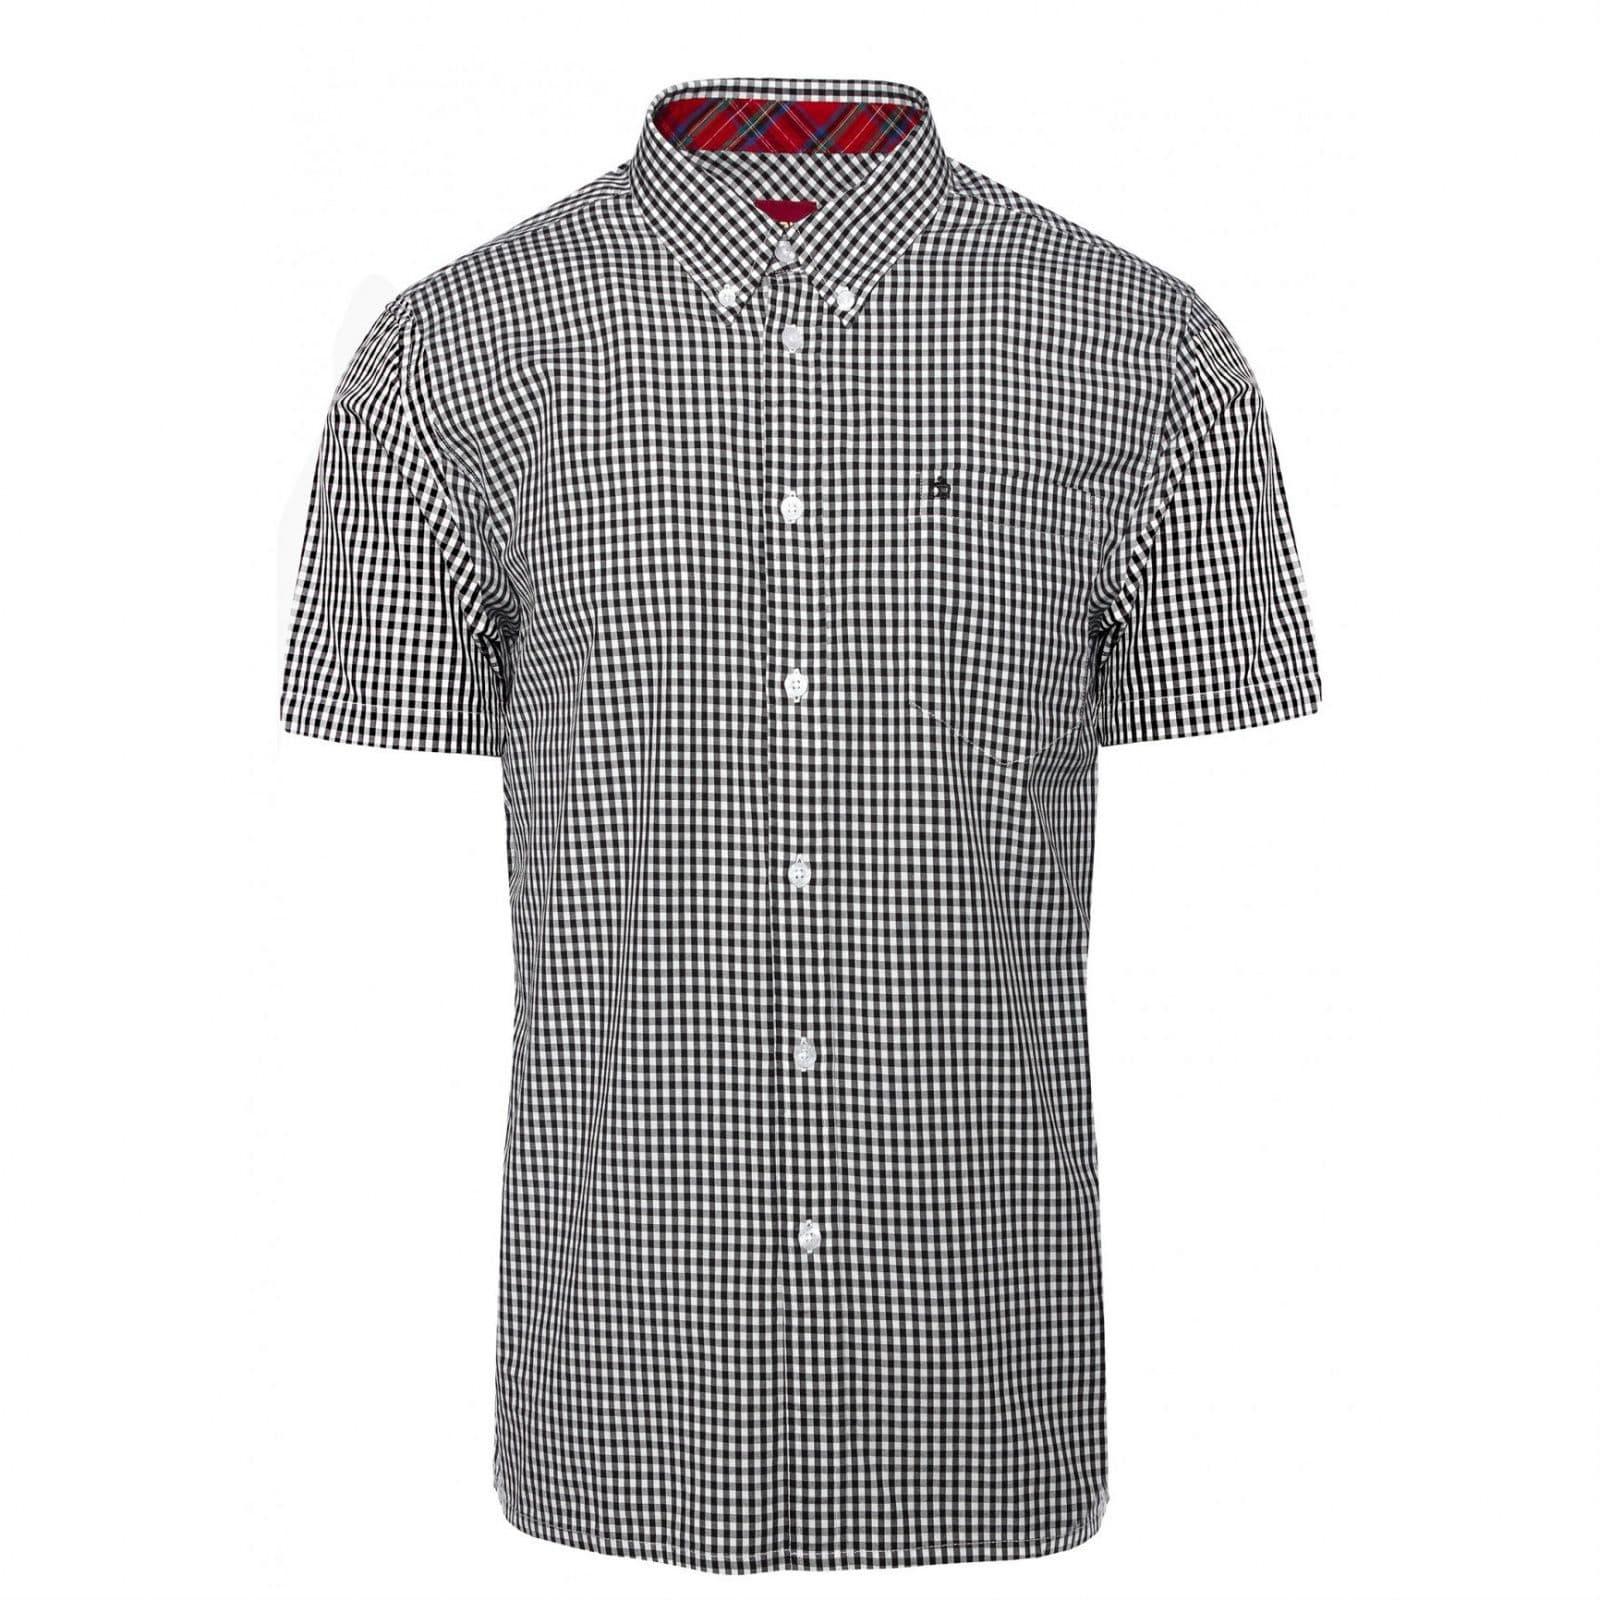 Рубашка TerryКлассические<br>Эта классическая, приталенная рубашка всесезонной базовой линии CORE производится почти в неизменном виде на протяжении десятилетий, символизируя верность Merc своему полувековому наследию и исконному casual стилю. &amp;lt;br /&amp;gt;<br>&amp;lt;br /&amp;gt;<br>Традиционная мелкая двухцветная английская клетка прекрасно сочетается с большинством легких курток, тренчей и парок. Визитная карточка рубашек Merc - воротник &amp;amp;quot;button-down&amp;amp;quot; на пуговицах - делает ее идеальной для комбинации с V-neck свитерами, жилетами и кардиганами.&amp;lt;br /&amp;gt;<br>&amp;lt;br /&amp;gt;<br>Прямой низ позволяет с комфортом заправлять эту рубашку в брюки, джинсы или шорты, хотя ее можно носить и на выпуск: под курткой, блейзером или саму по себе. &amp;lt;br /&amp;gt;<br><br>Артикул: 1507108<br>Материал: 100% хлопок<br>Цвет: черно-белая клетка<br>Пол: Мужской